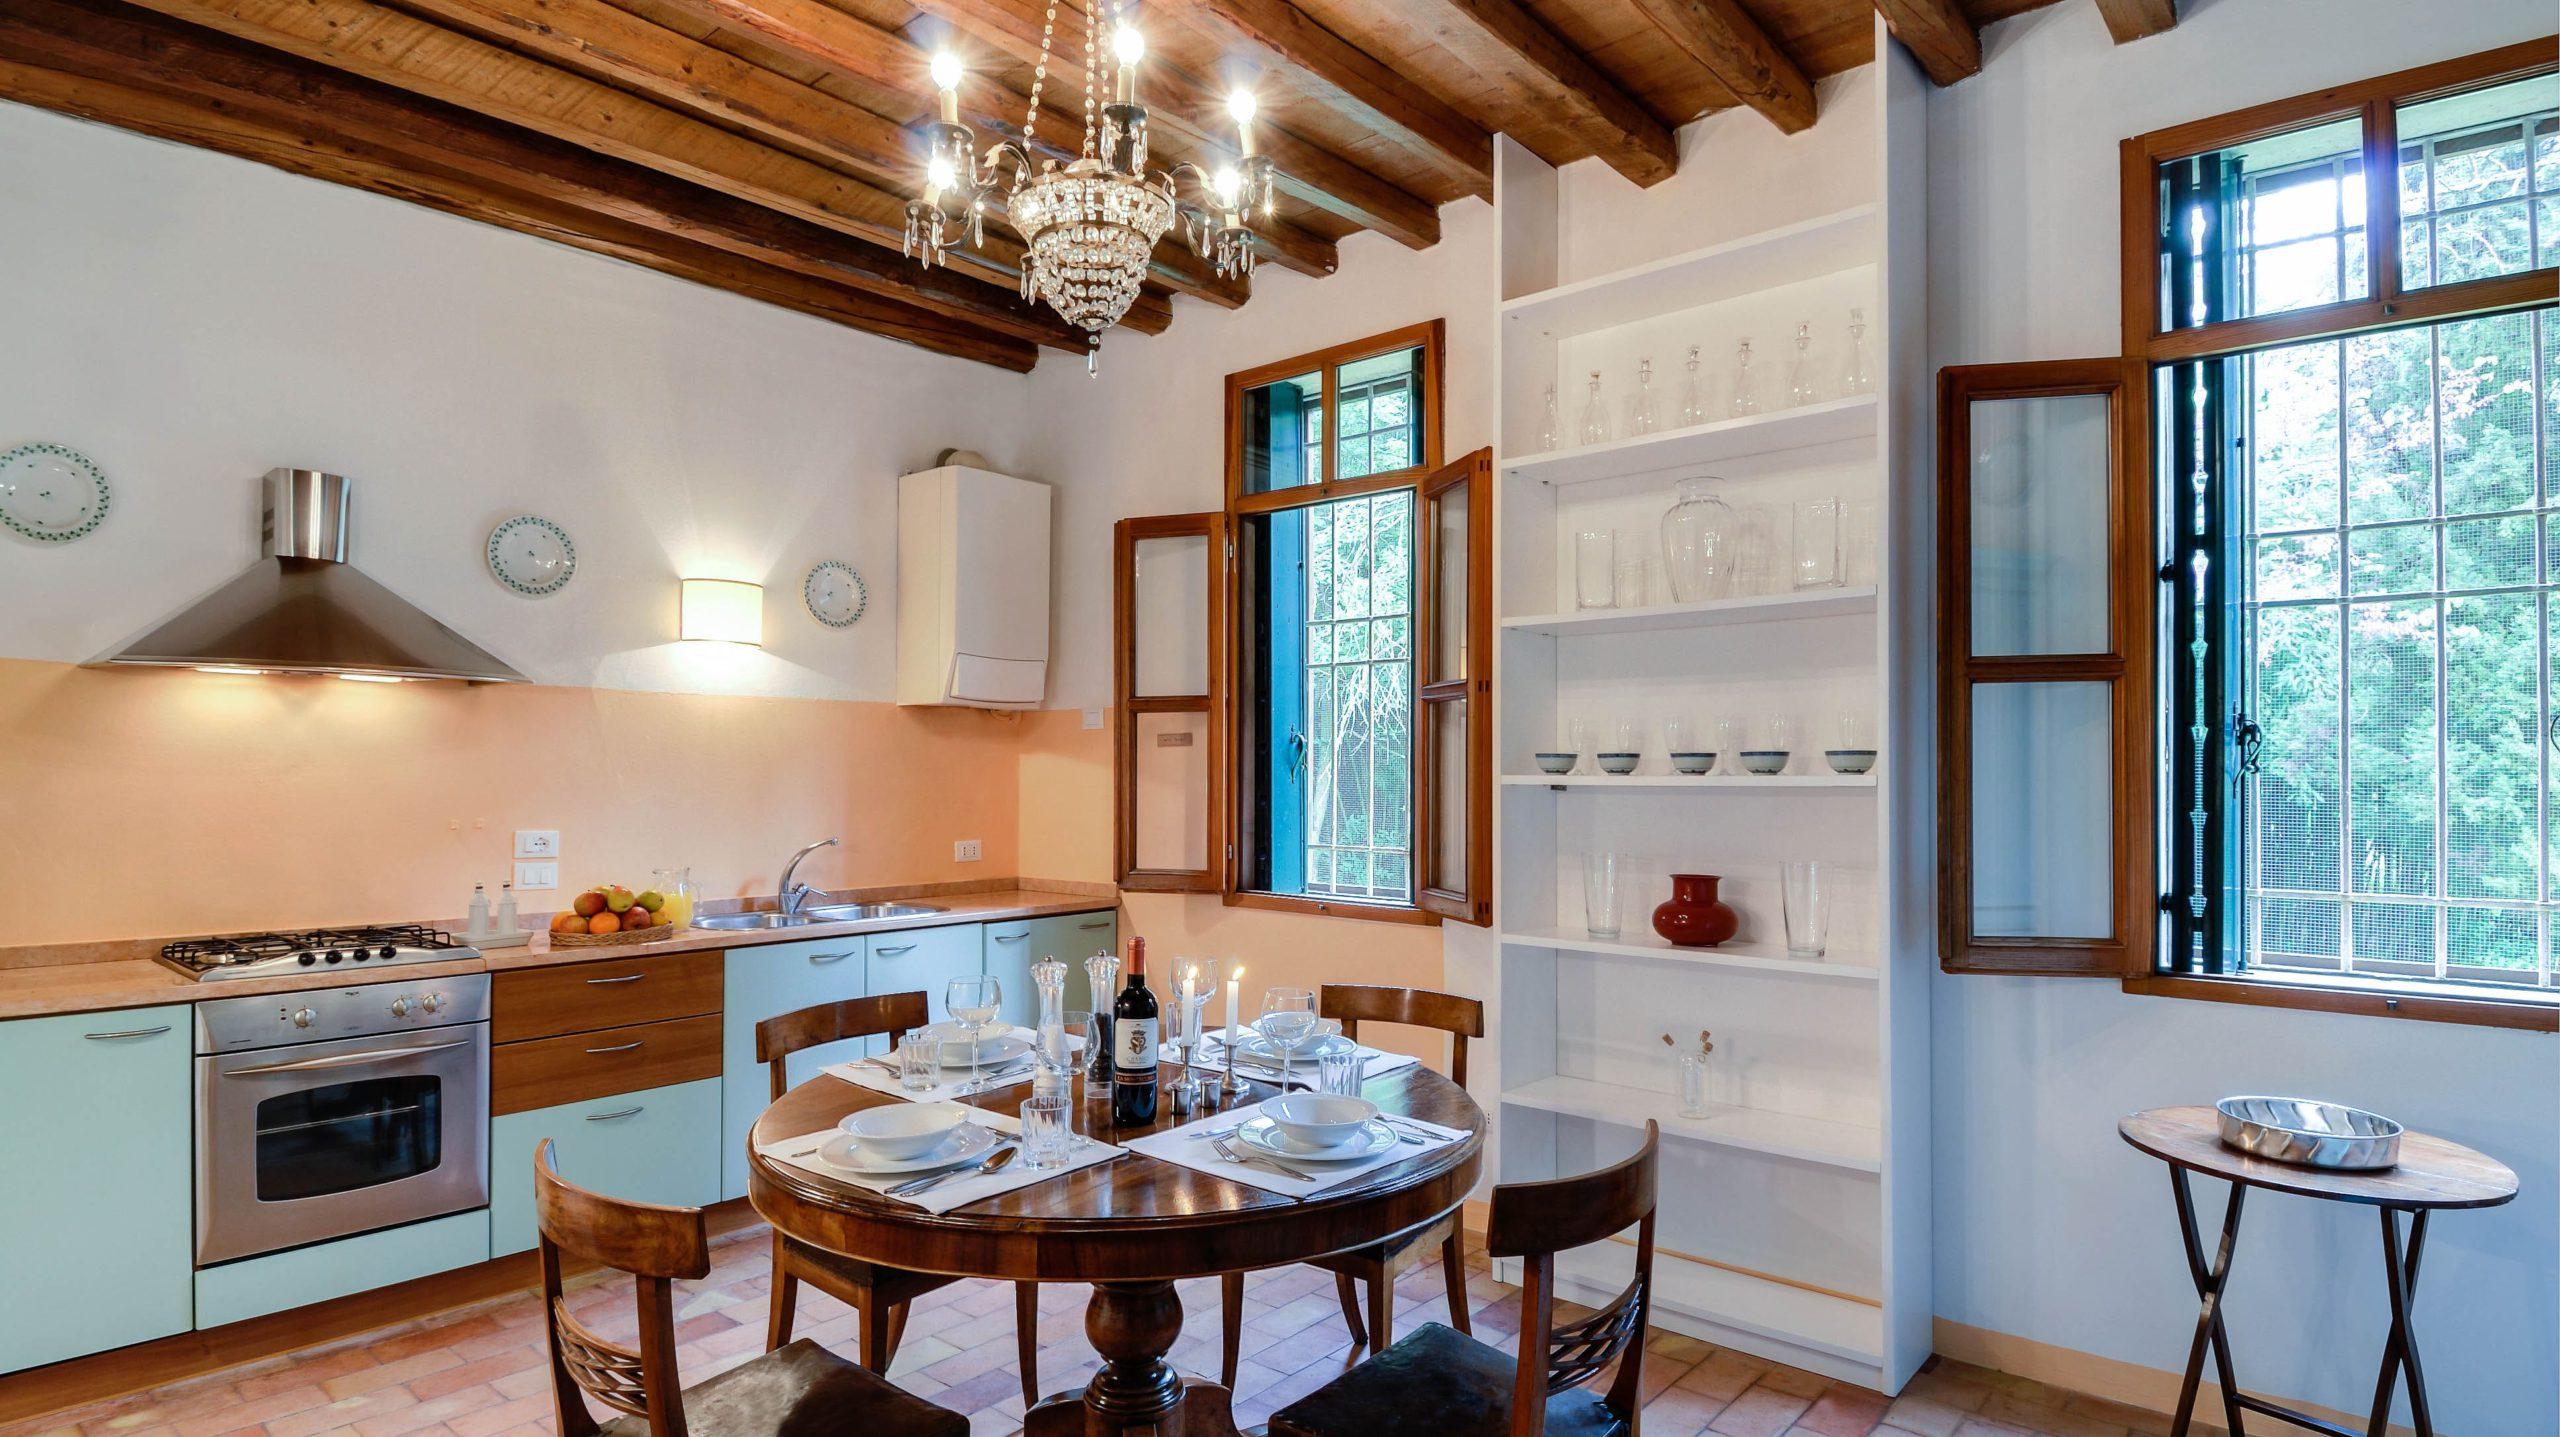 Villa Tempietto keuken